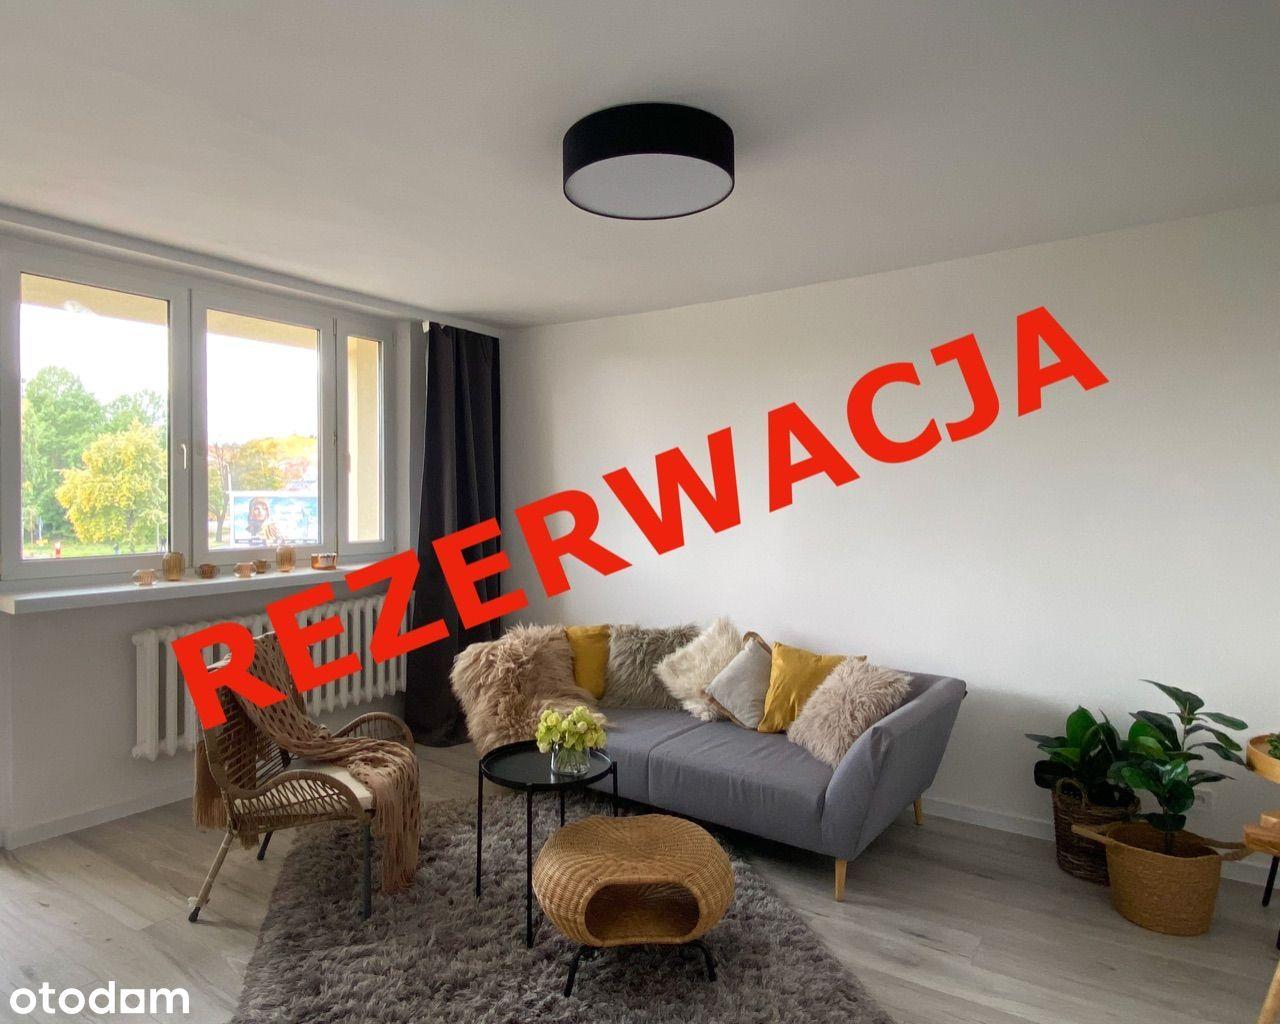 Apartament 43m2 z balkonem I CH Plaza I REZERWACJA